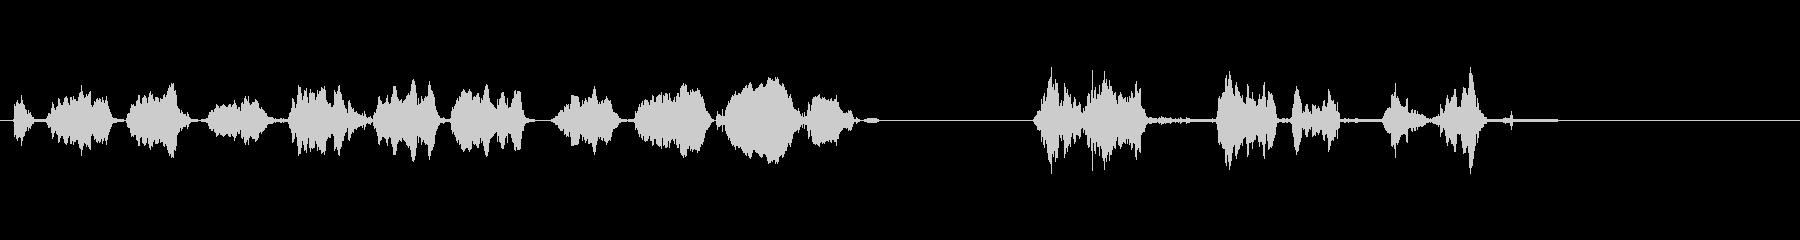 イルカの鳴き声の未再生の波形